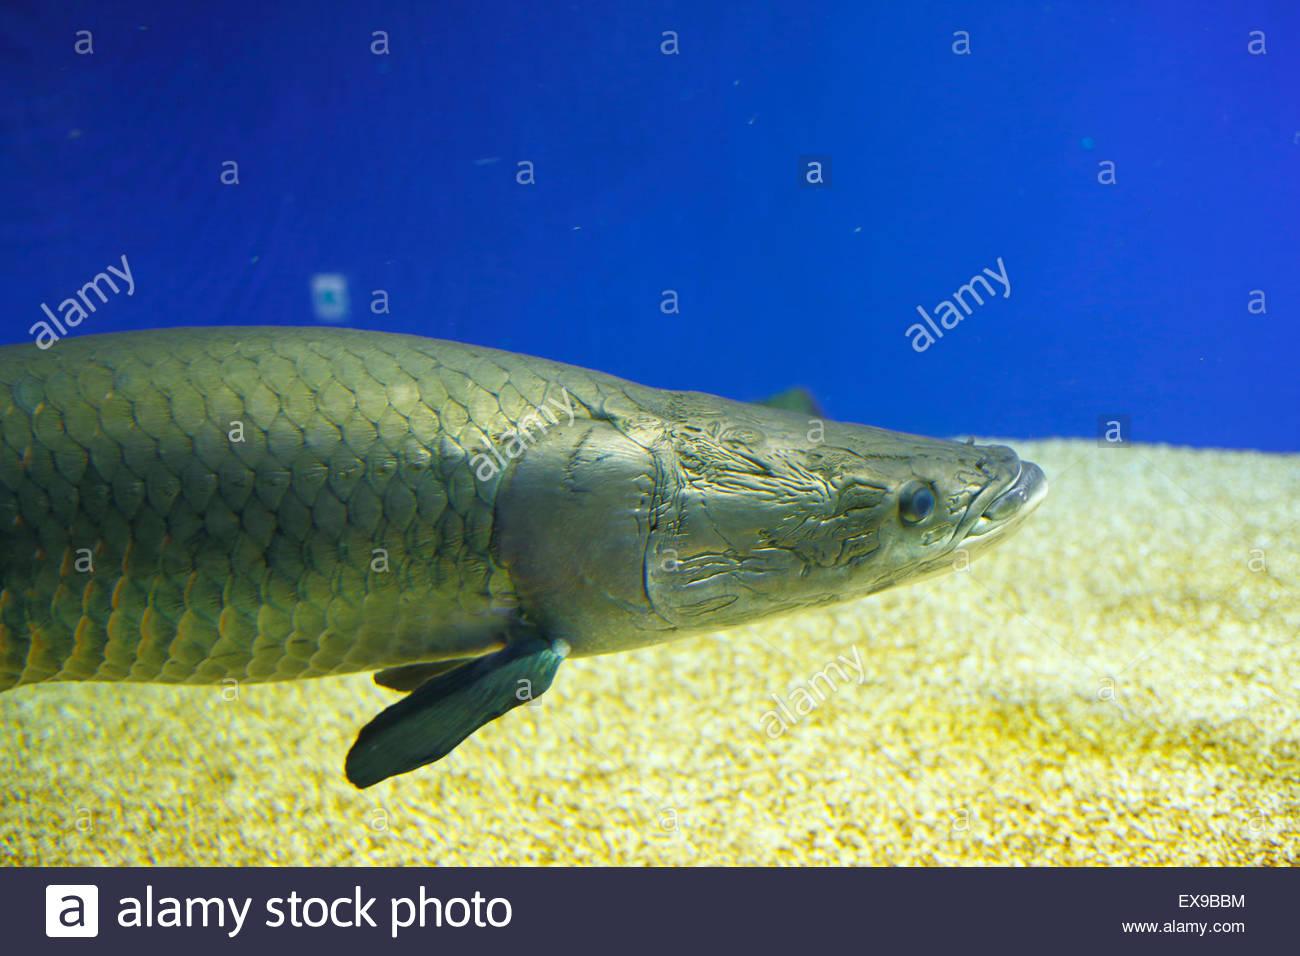 Fish aquarium japan - Japan Hokkaido Kitami Pirarucu Fish In Aquarium